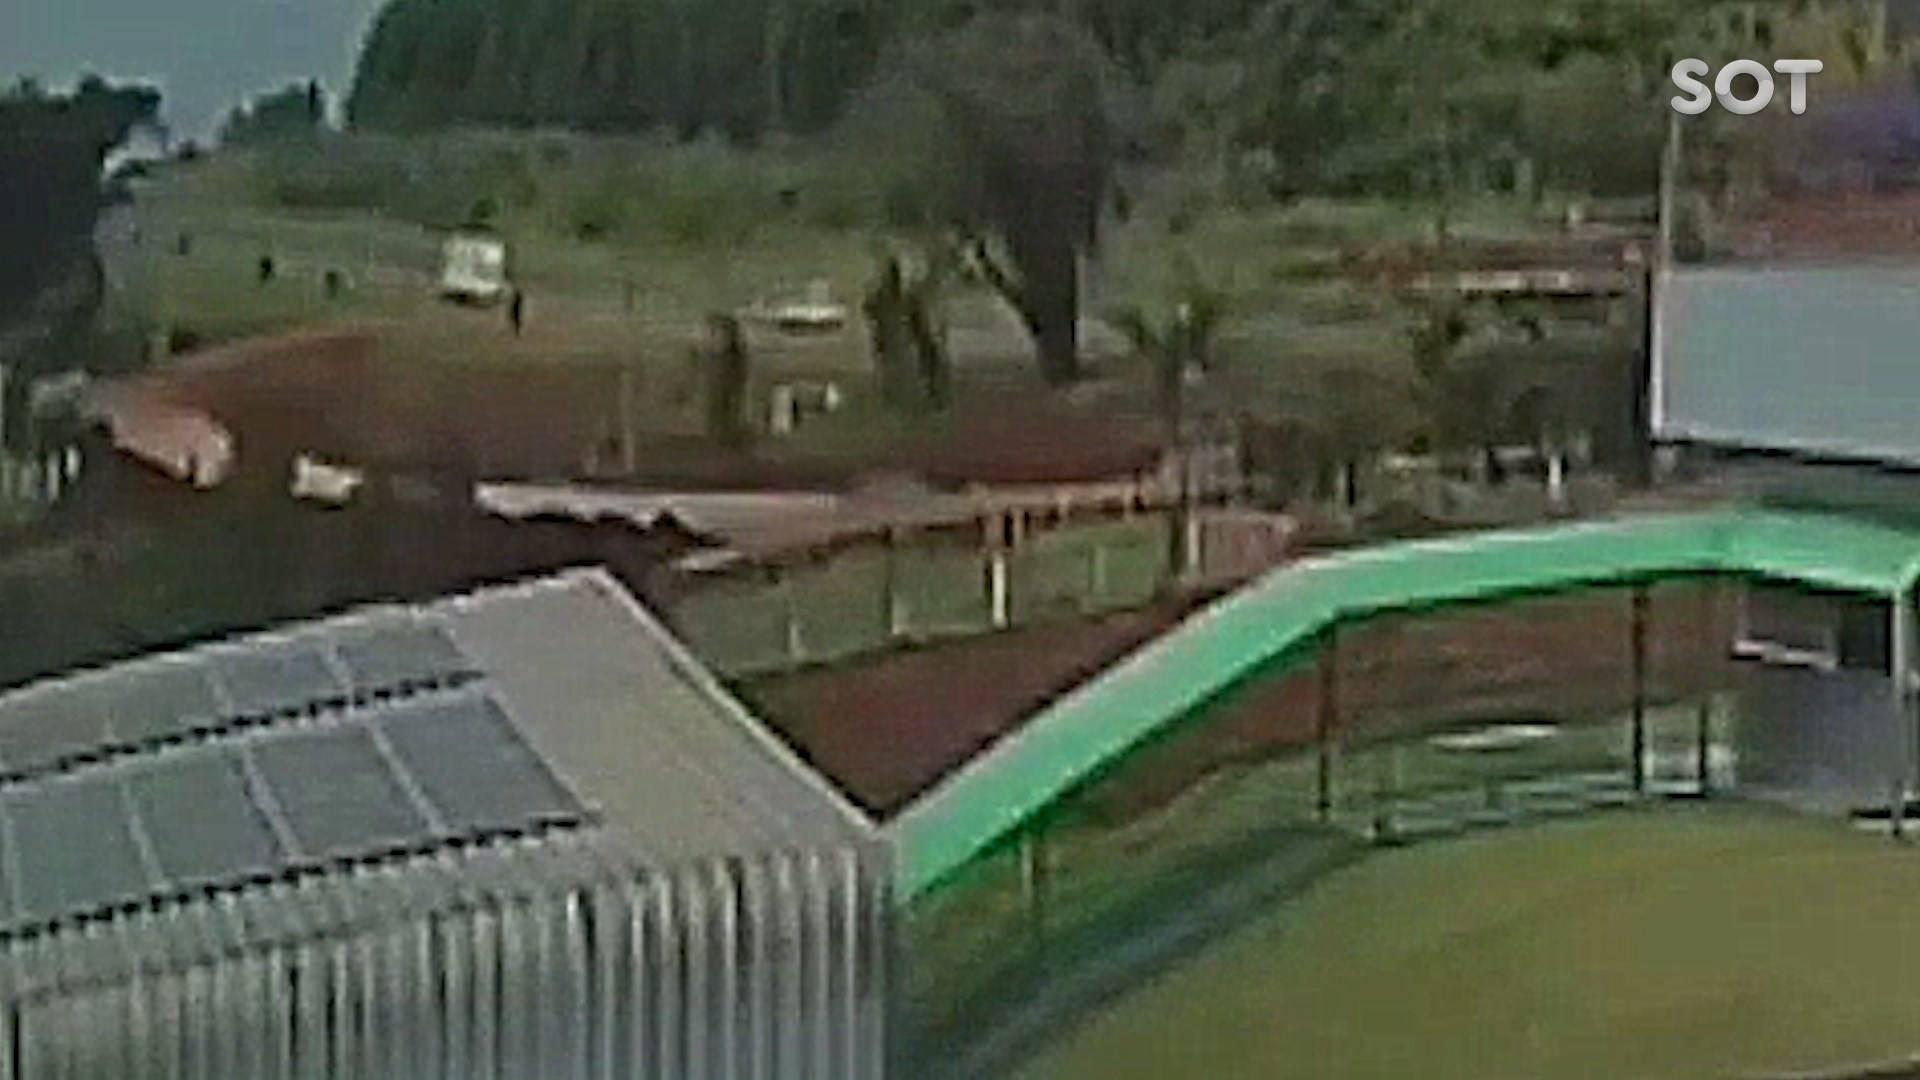 Câmera de segurança registra acidente fatal na BR-277 em Santa Tereza do Oeste